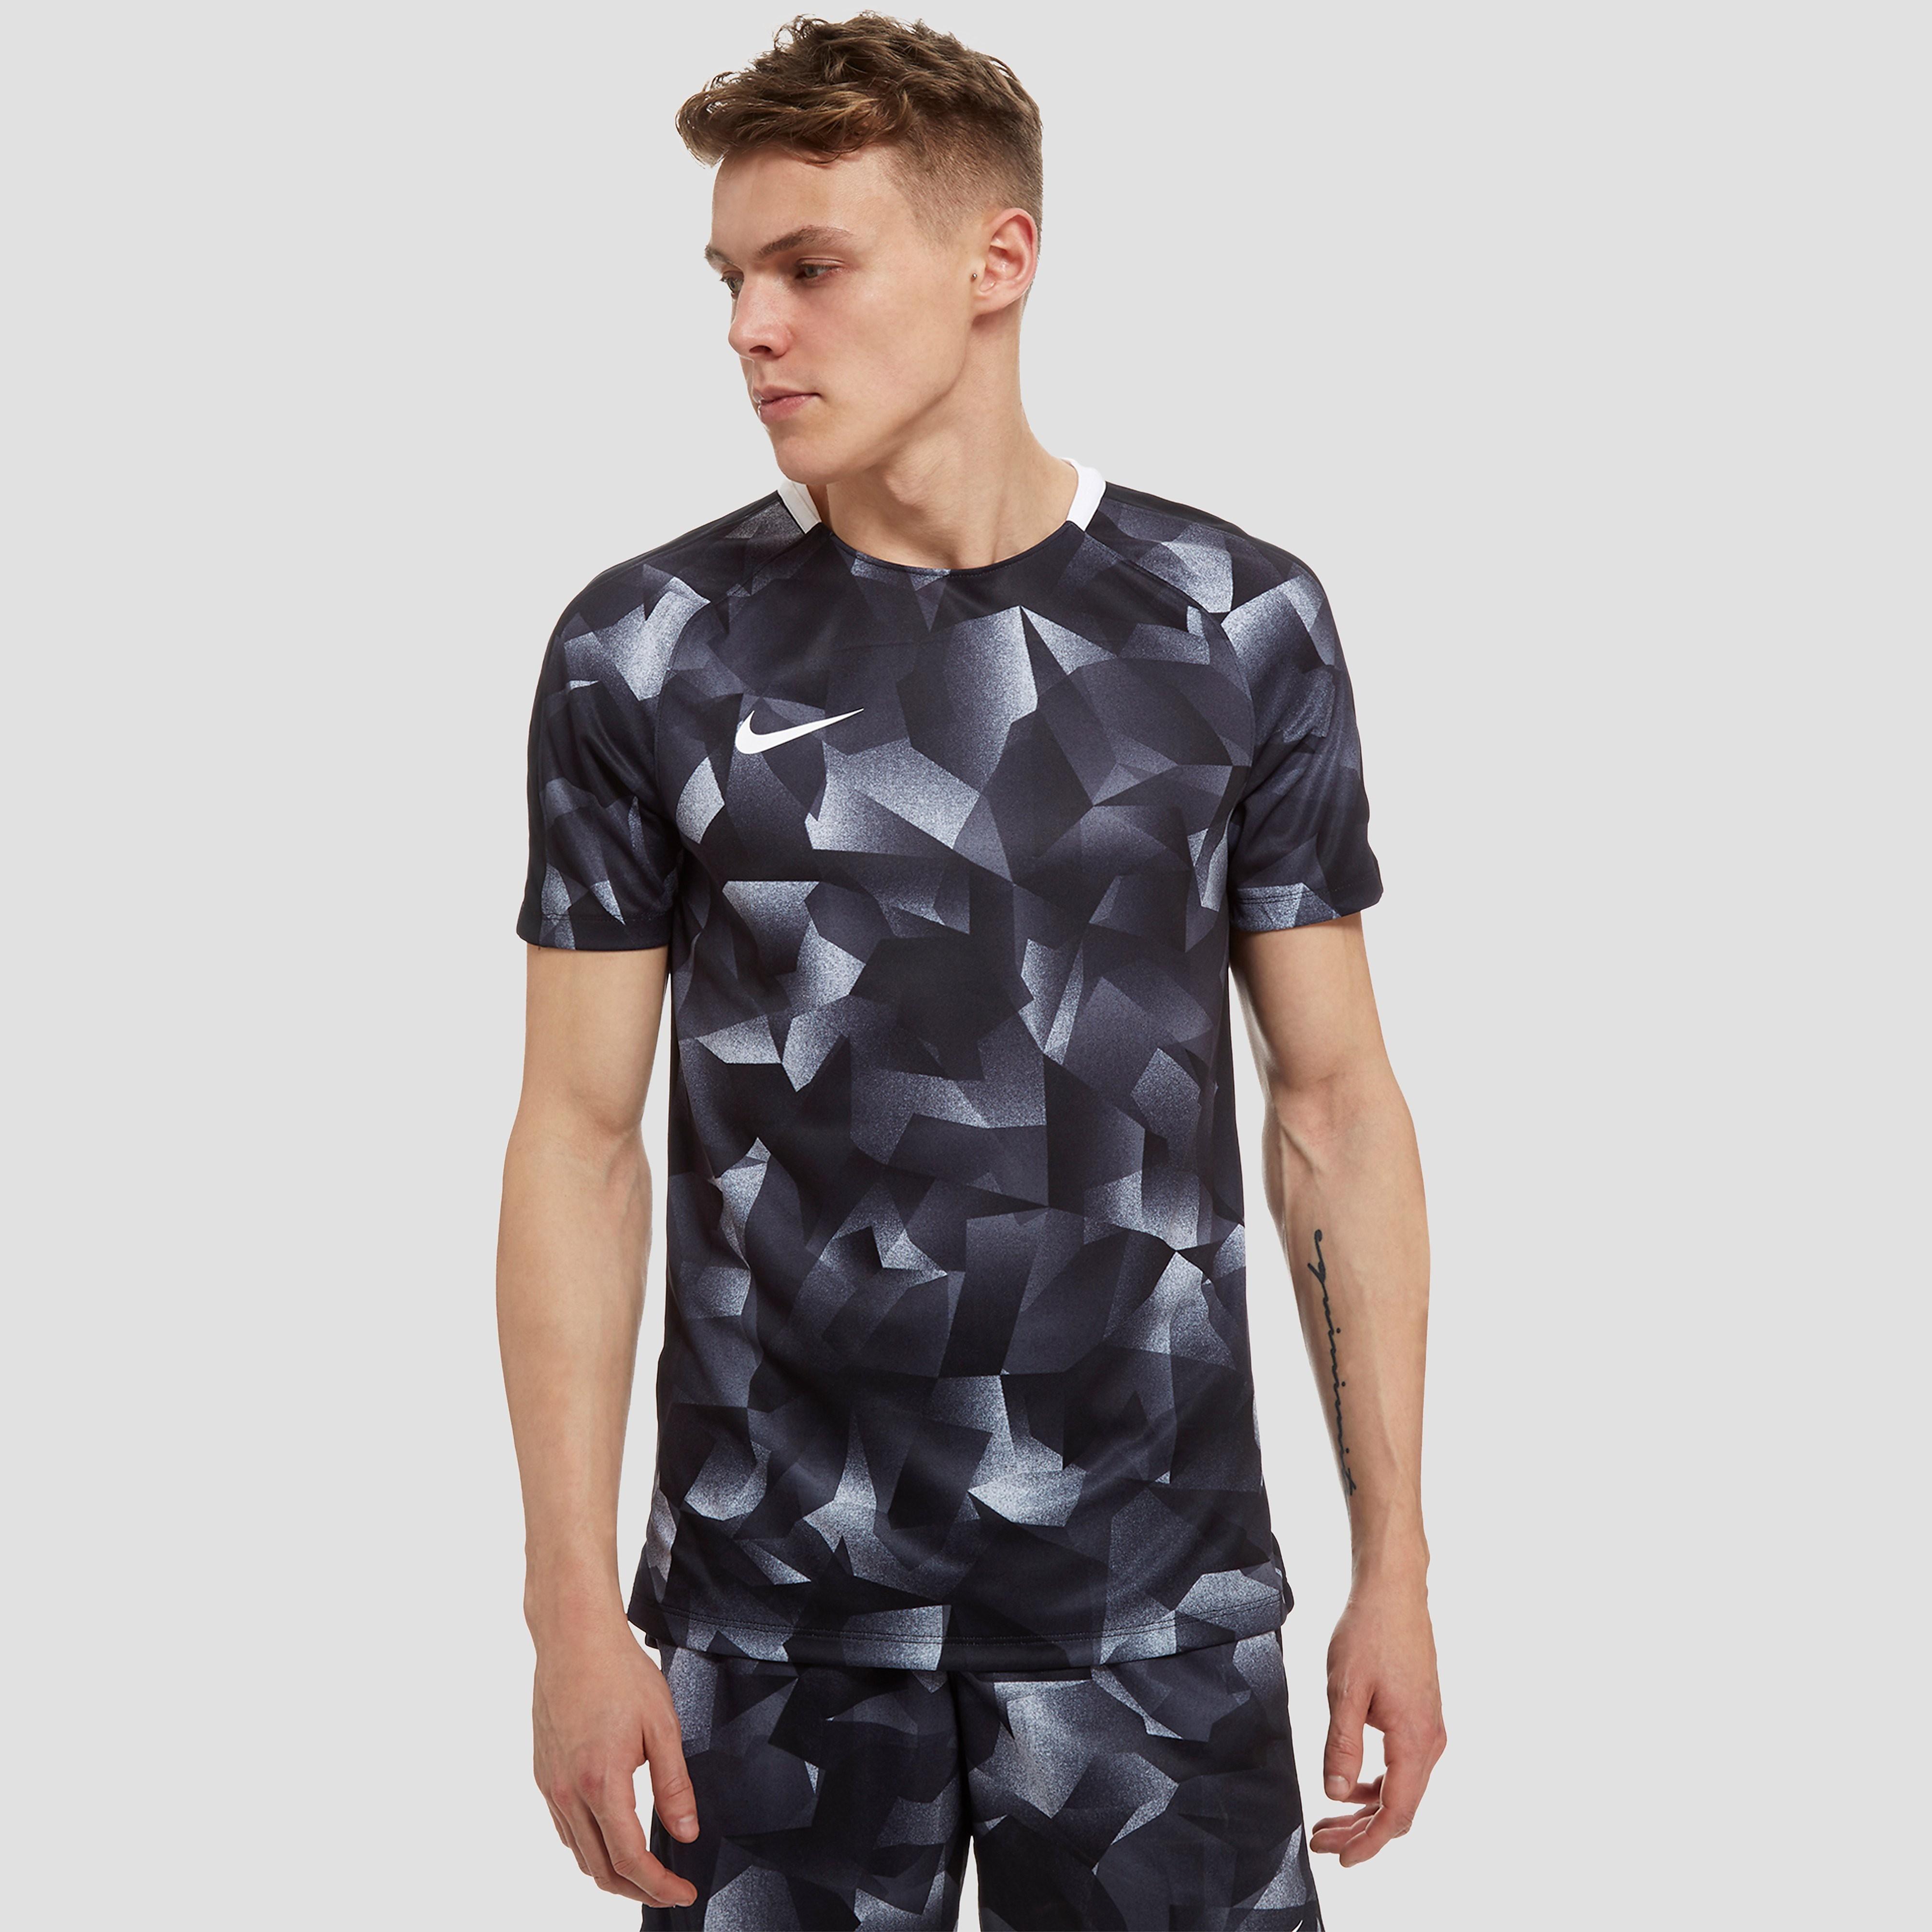 Nike Men's Squad Camo T-Shirt